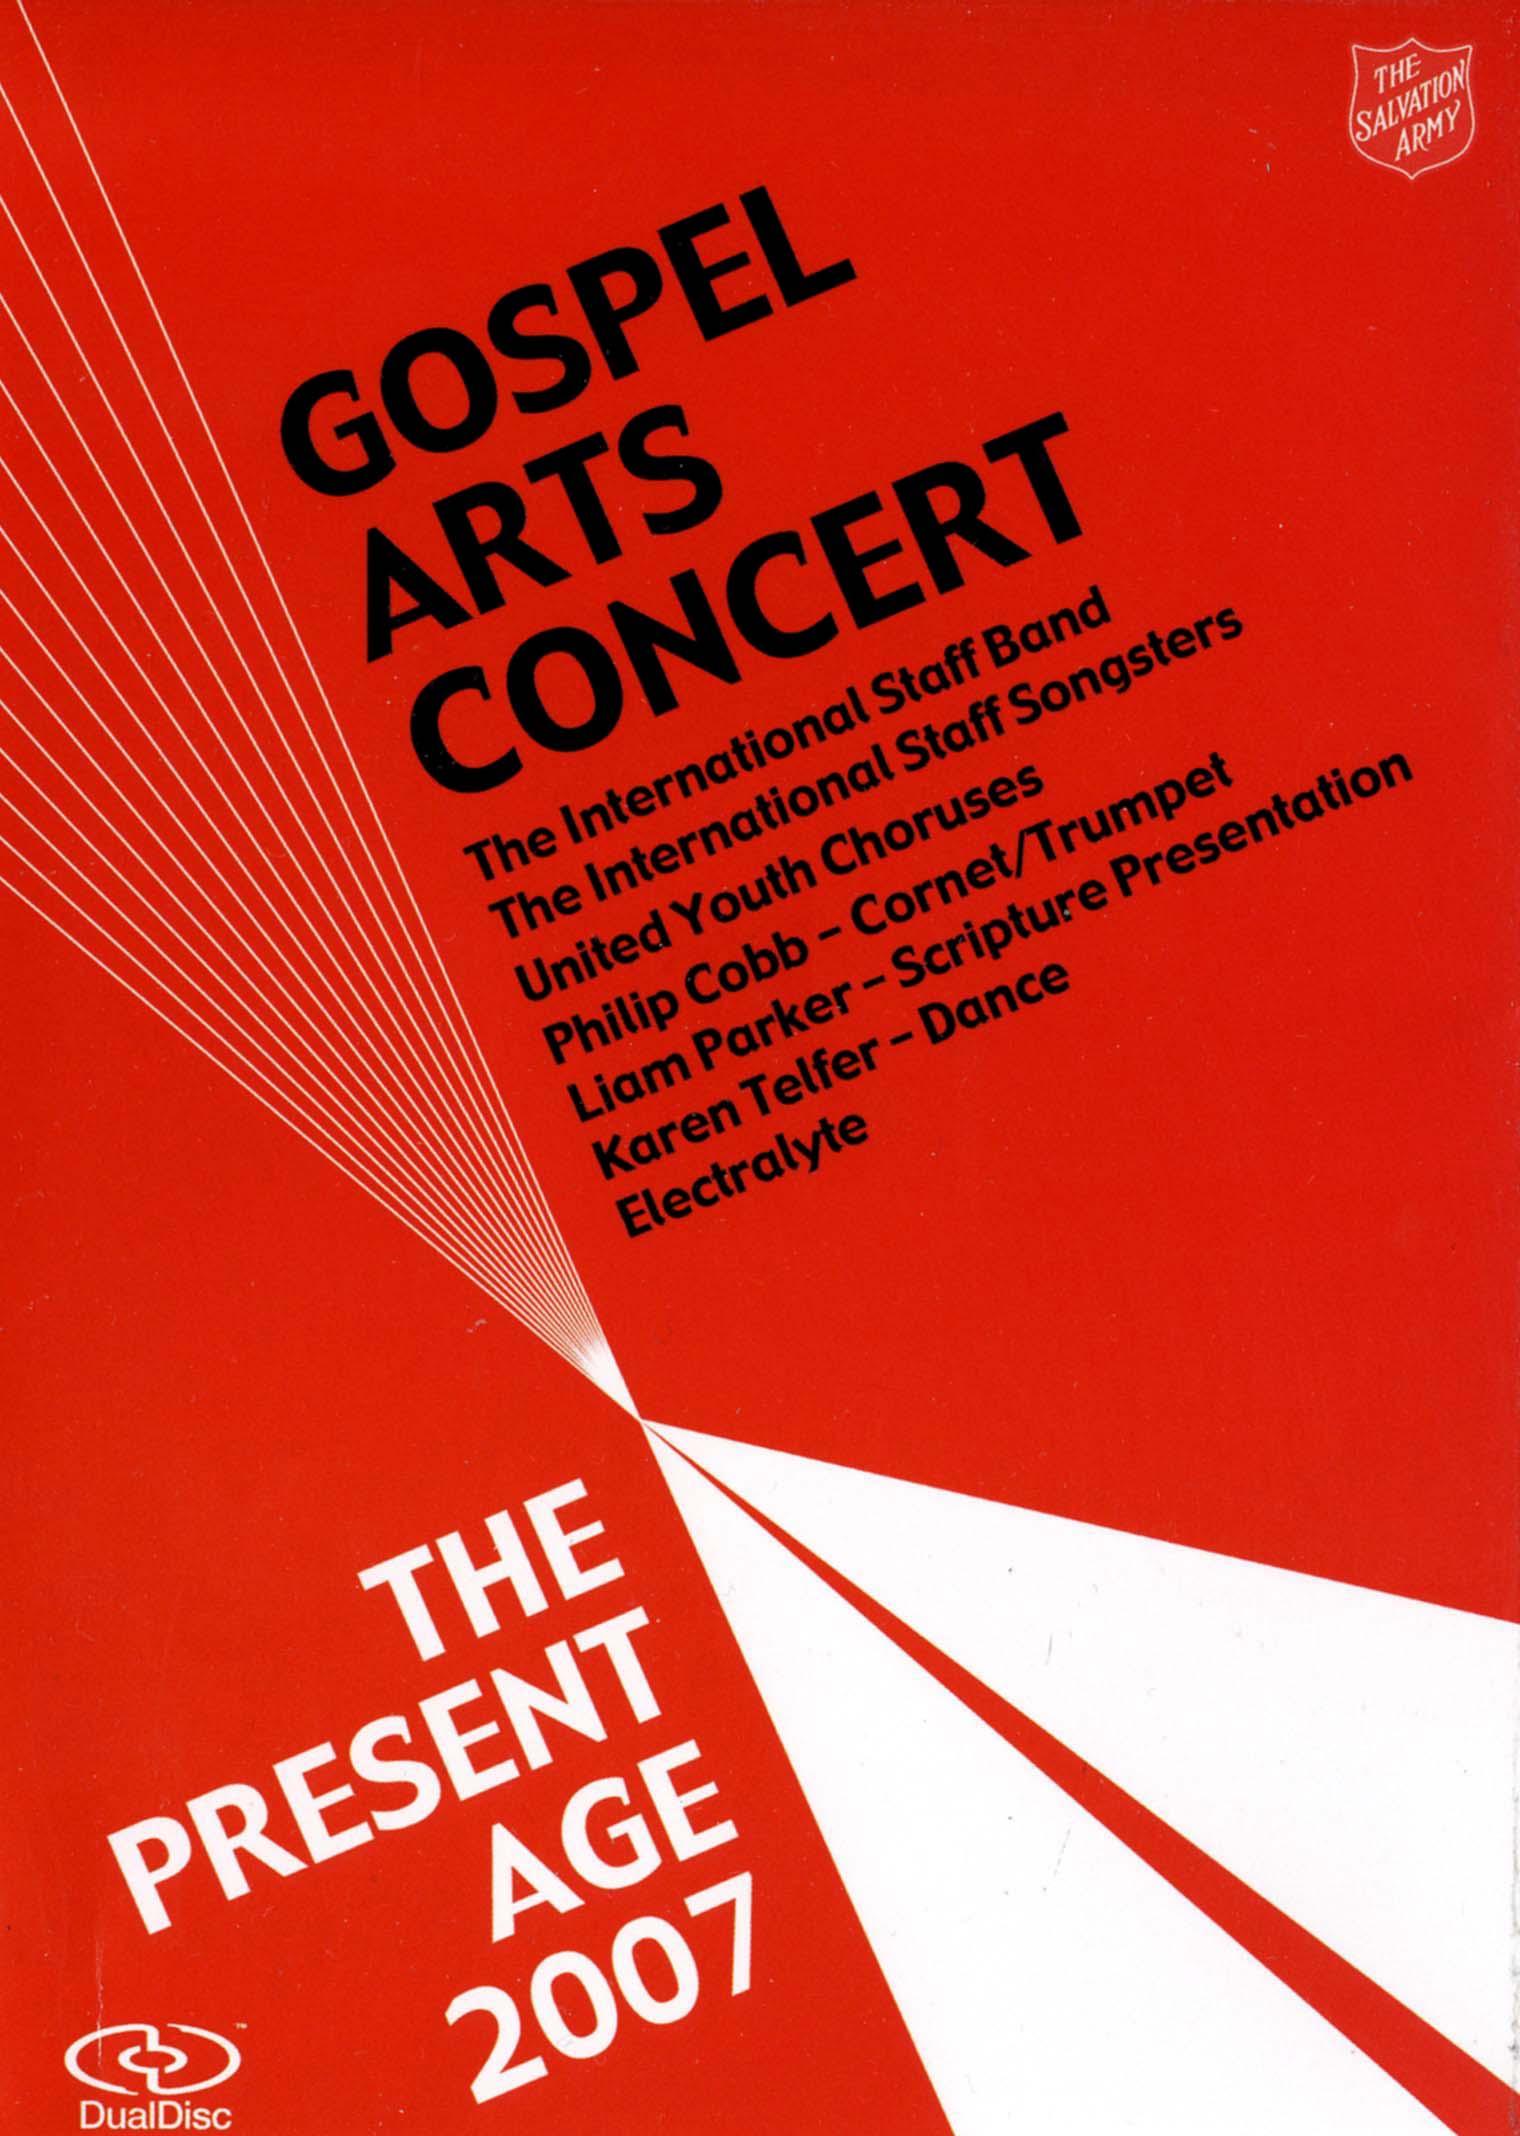 Gospel Arts Concert 2007 - The Present Age